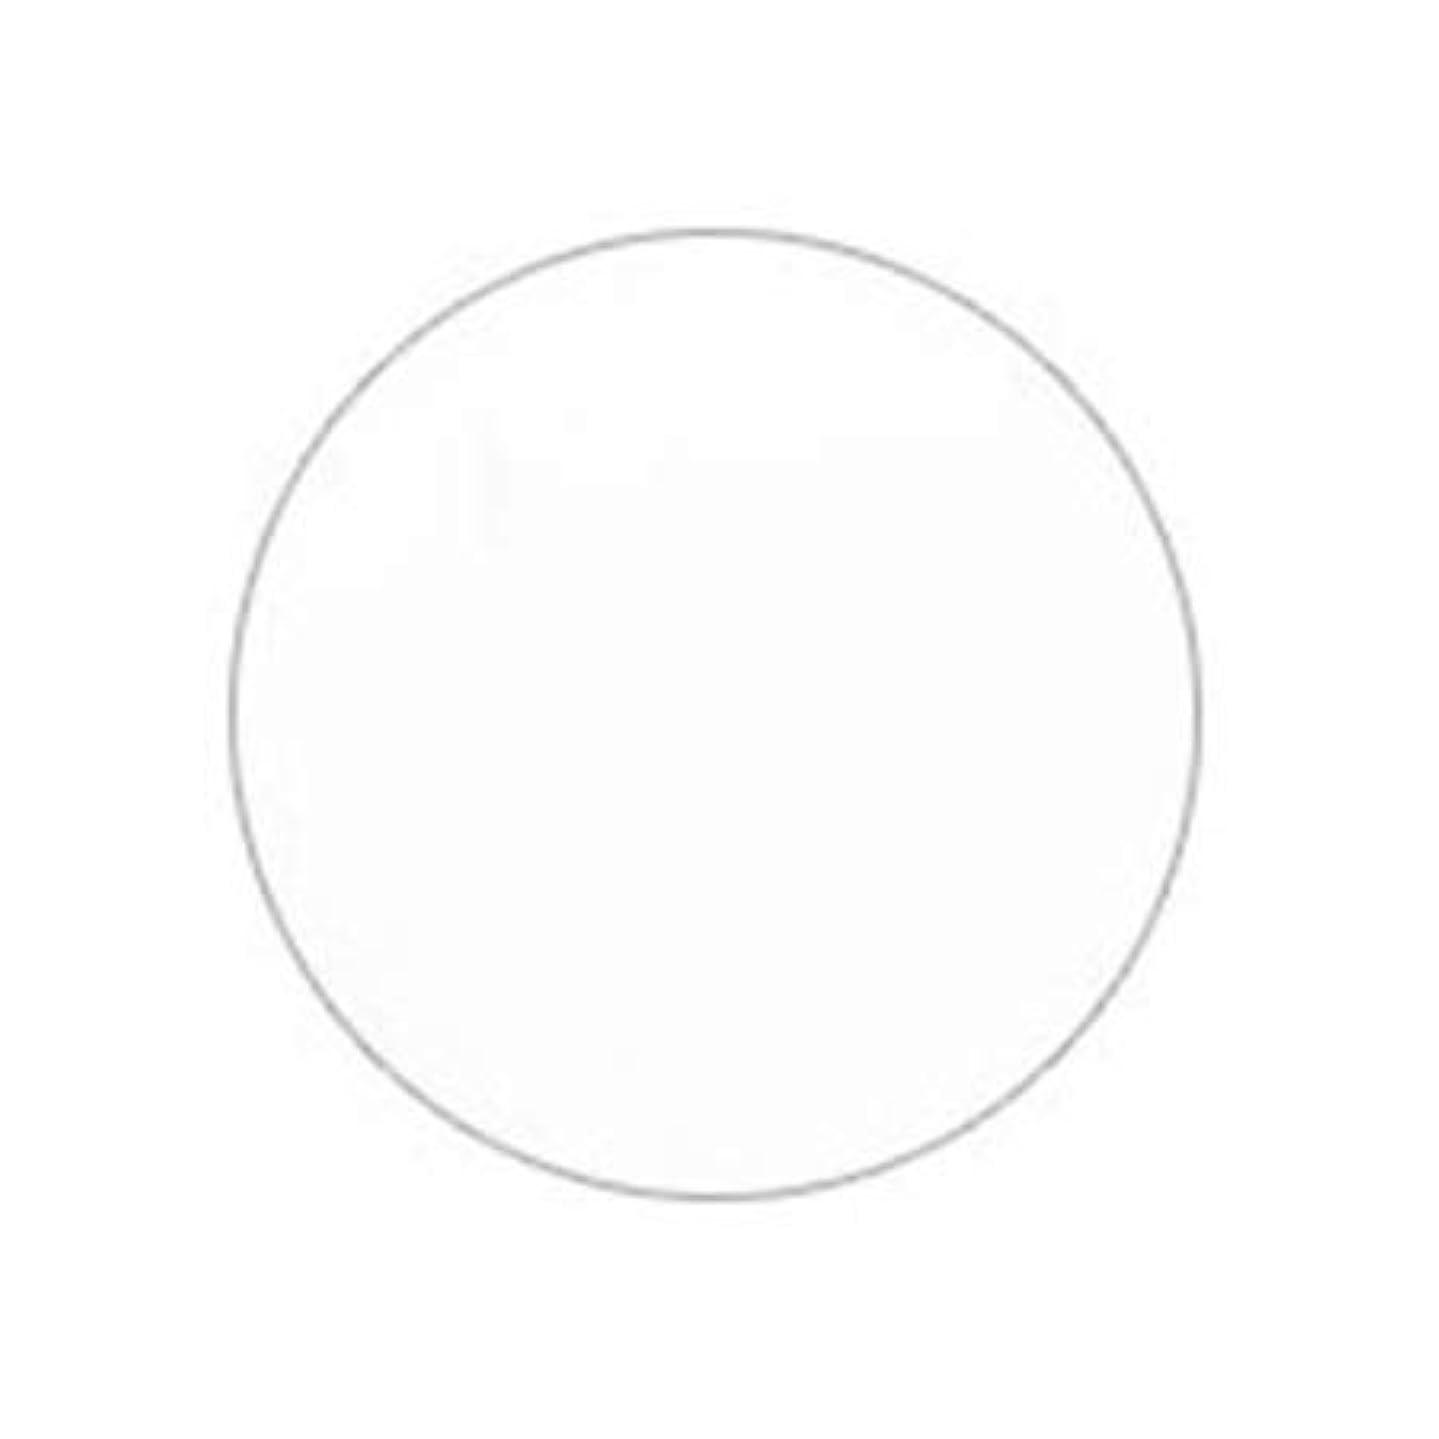 同行精緻化カラスPutiel プティール カラージェル 201 ホワイト 4g